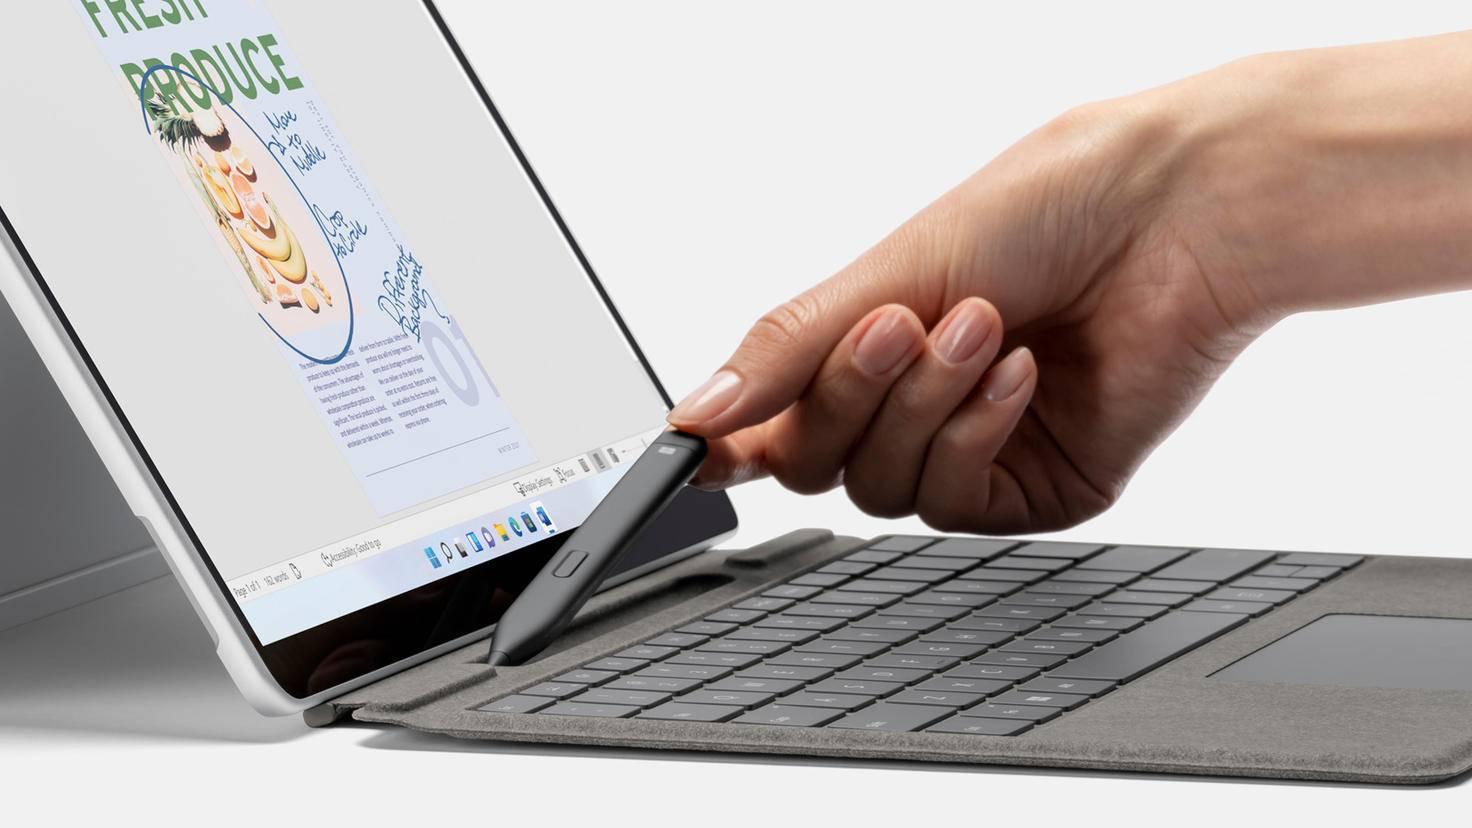 Surface-Pro-8-Slim-Pen-2